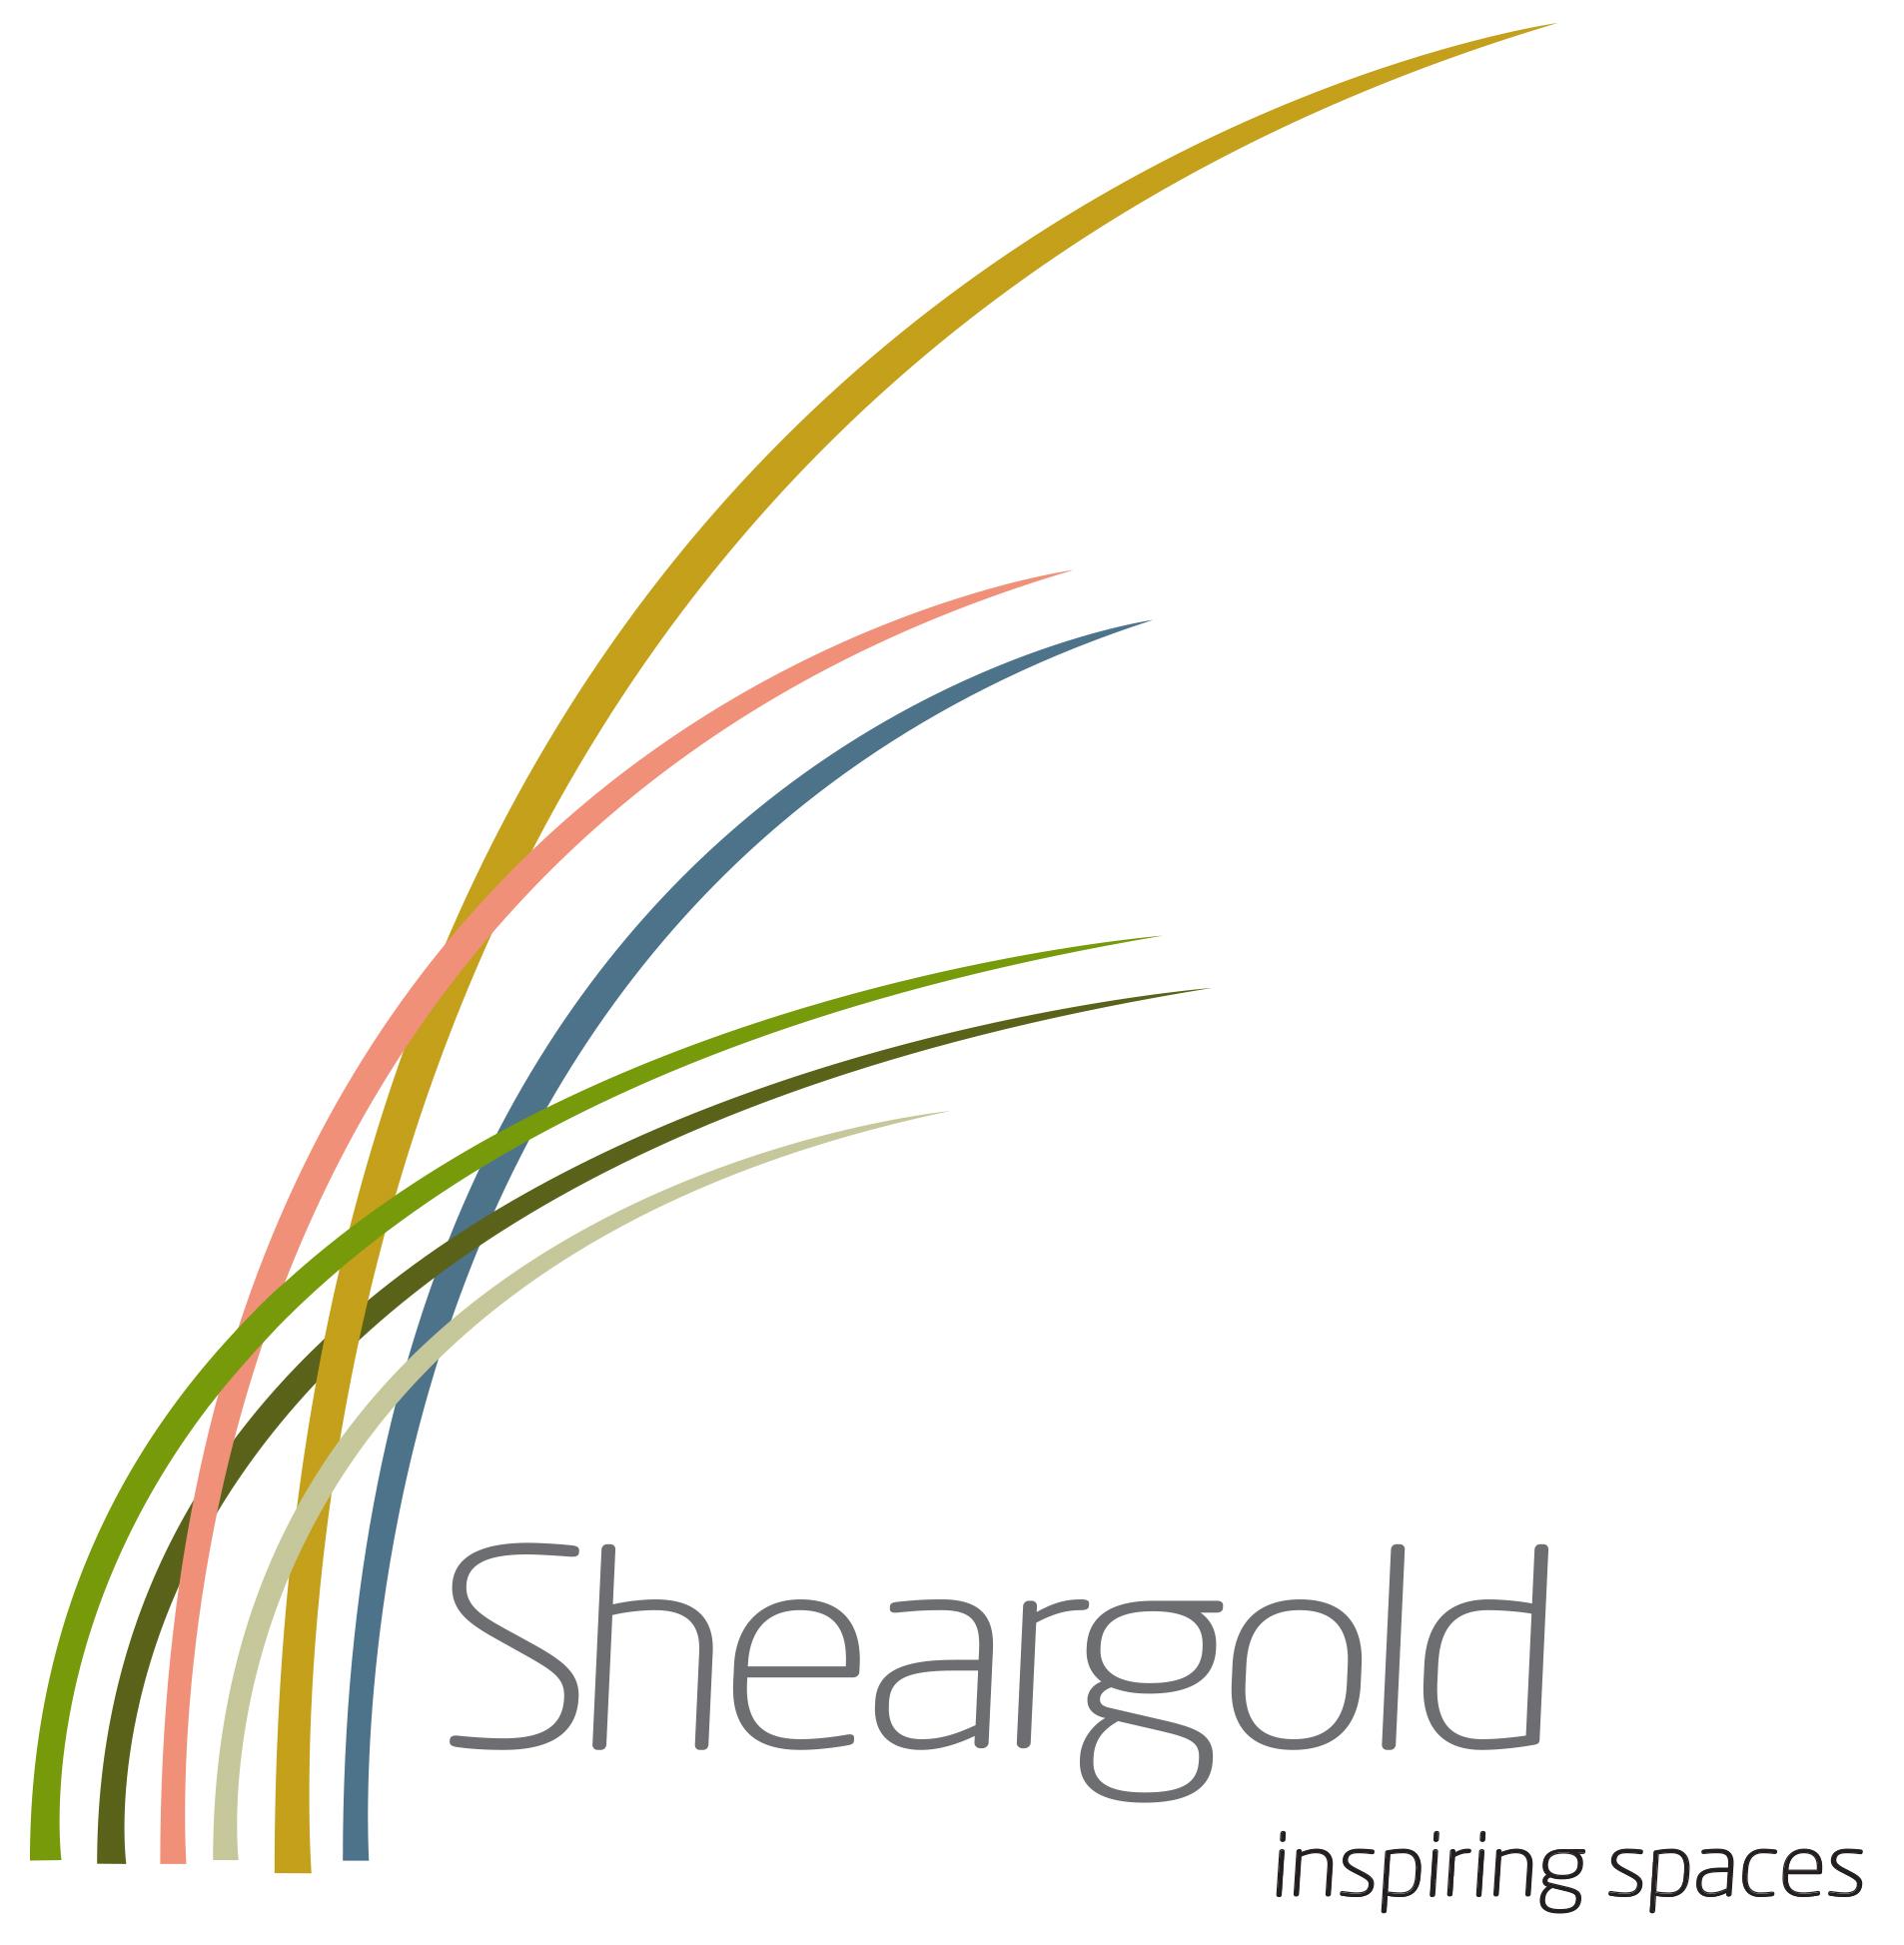 Sheargold logo